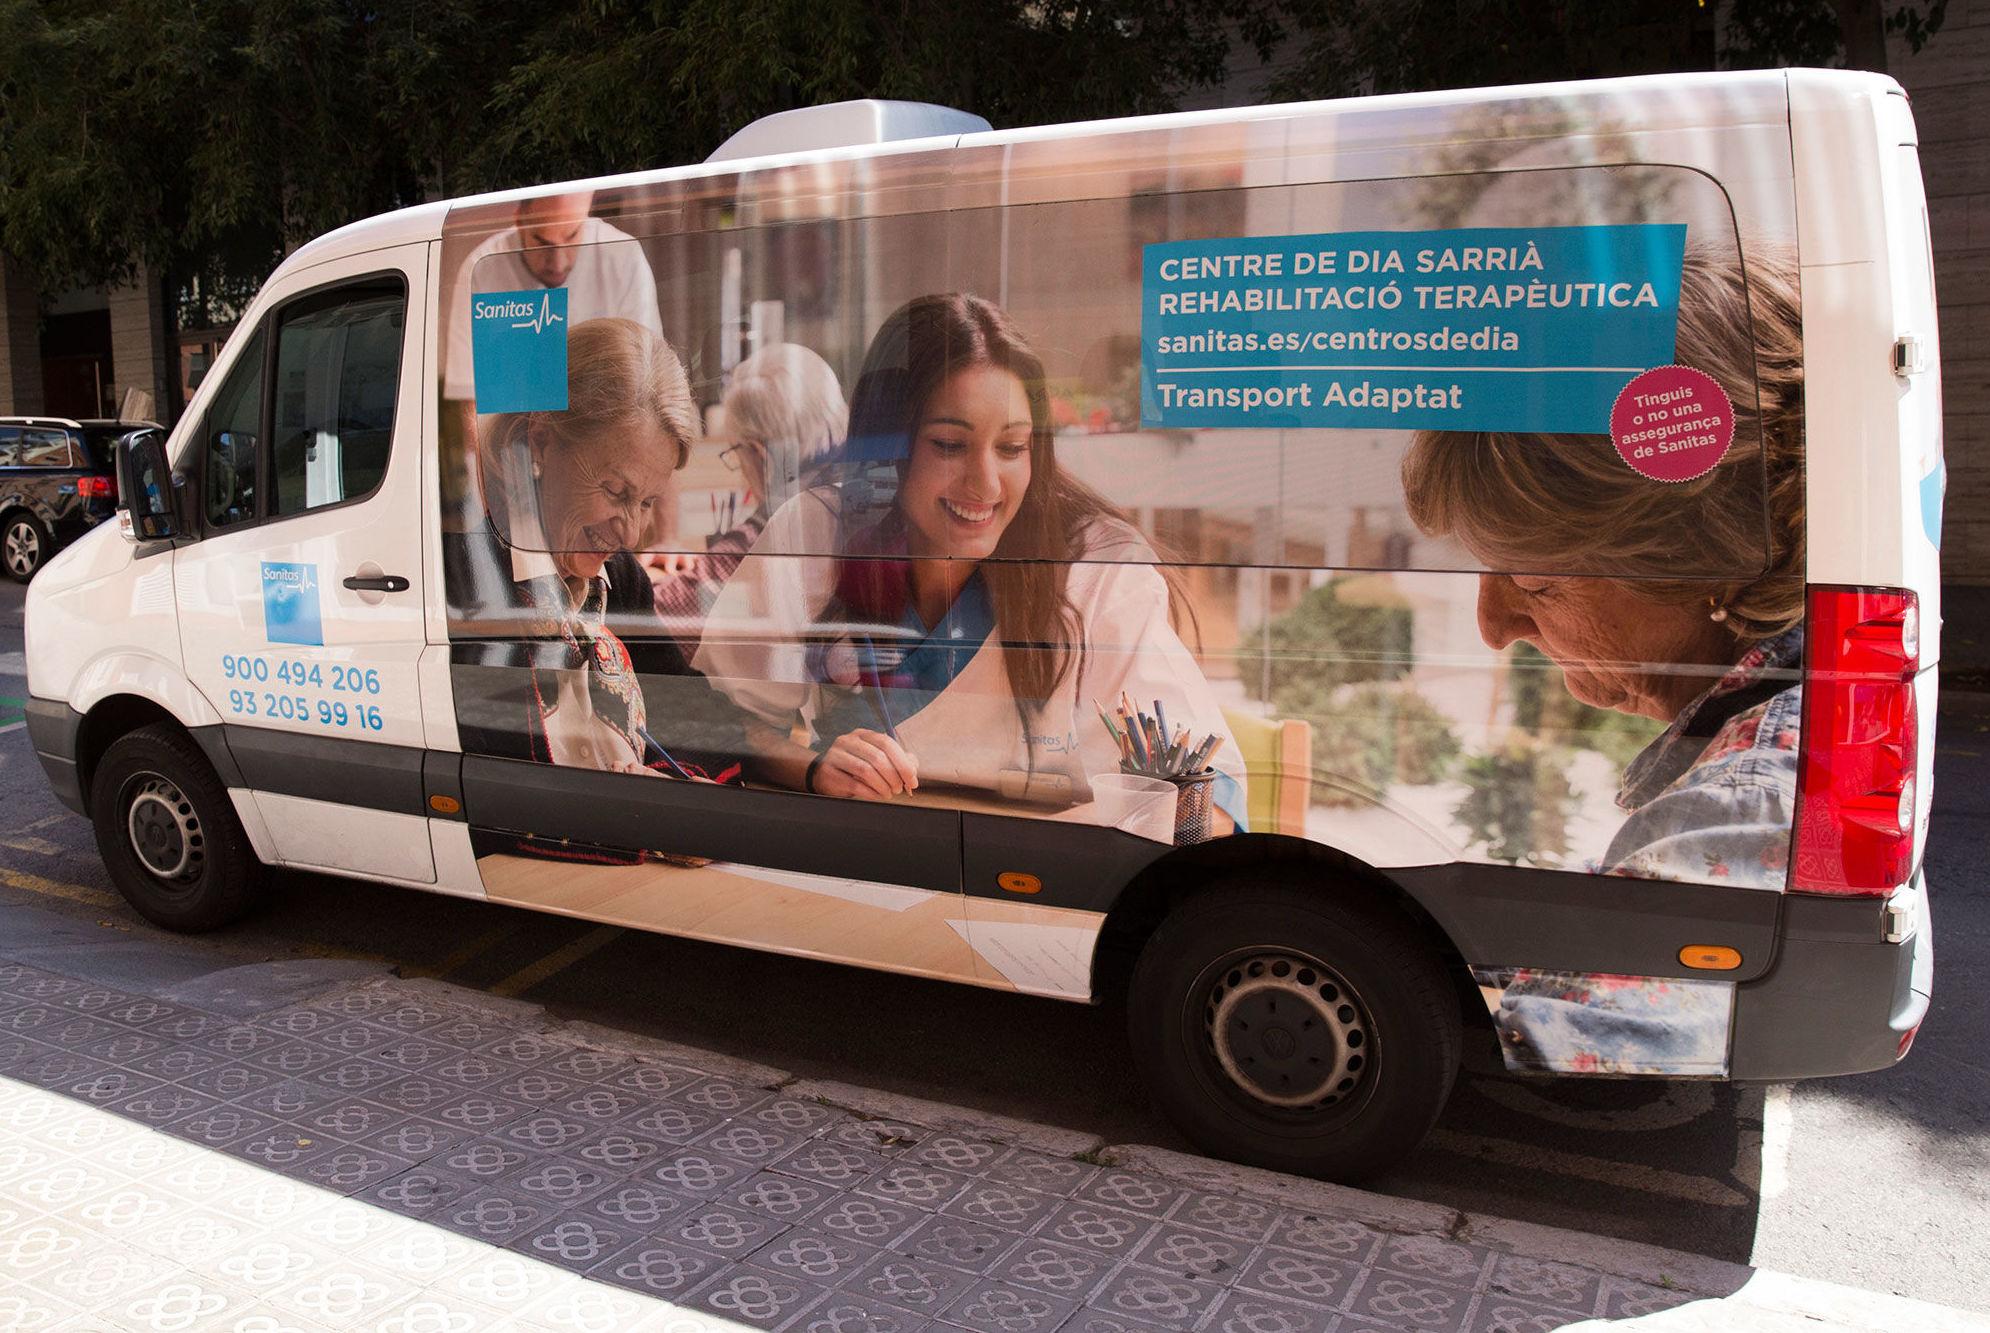 Transporte del Centro de día Sarrià